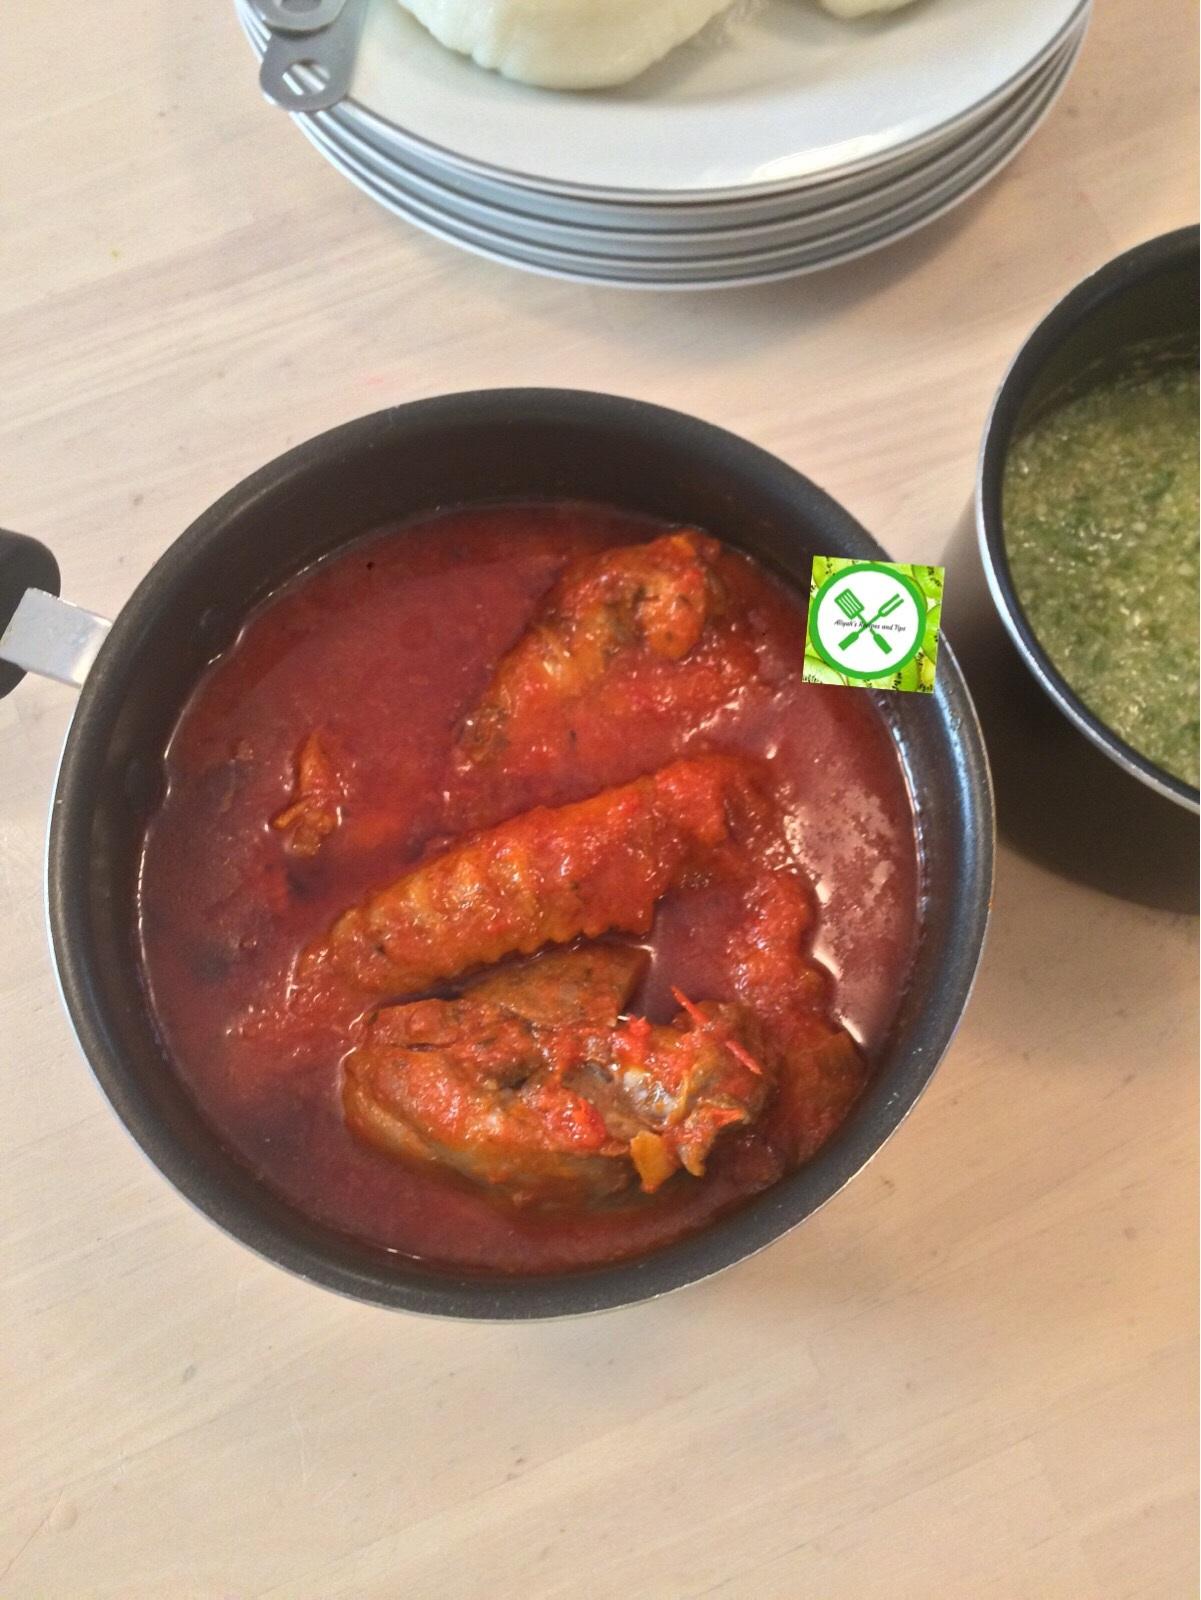 turkey stew in a pot